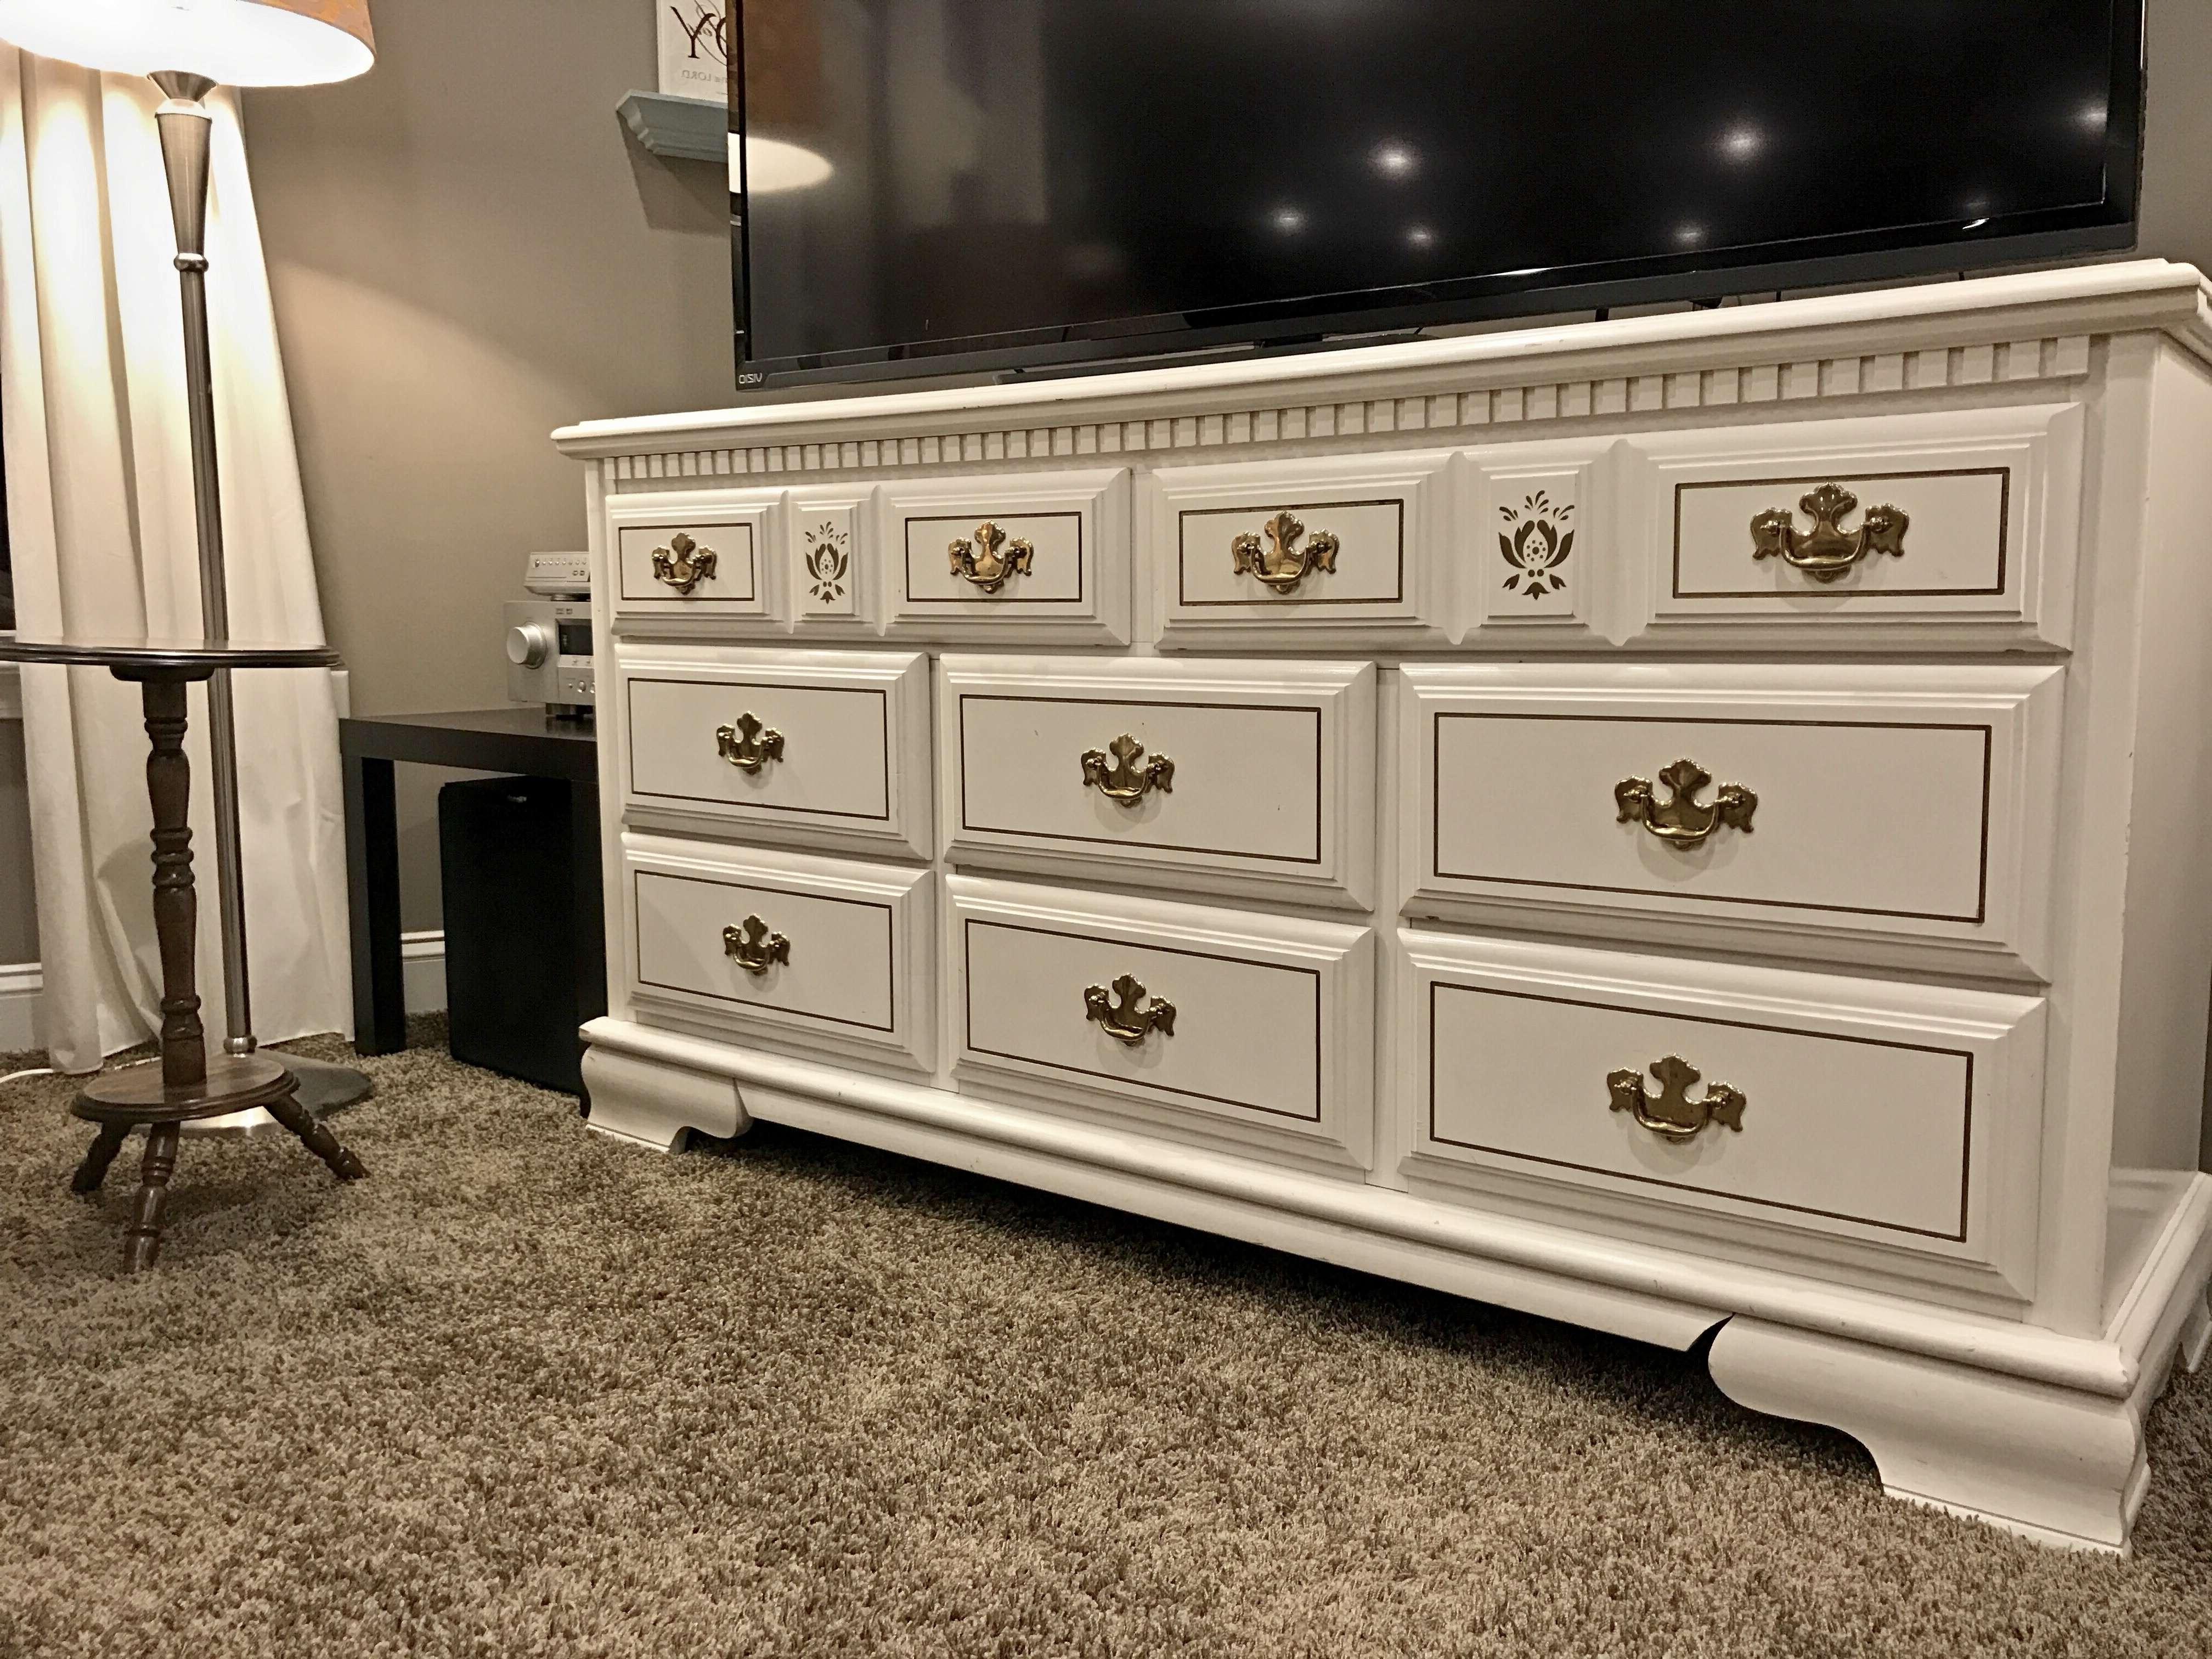 Tv Stand Dresser Combo Ideas : An Oak Furniture Tv Stand With In Dresser And Tv Stands Combination (View 13 of 15)